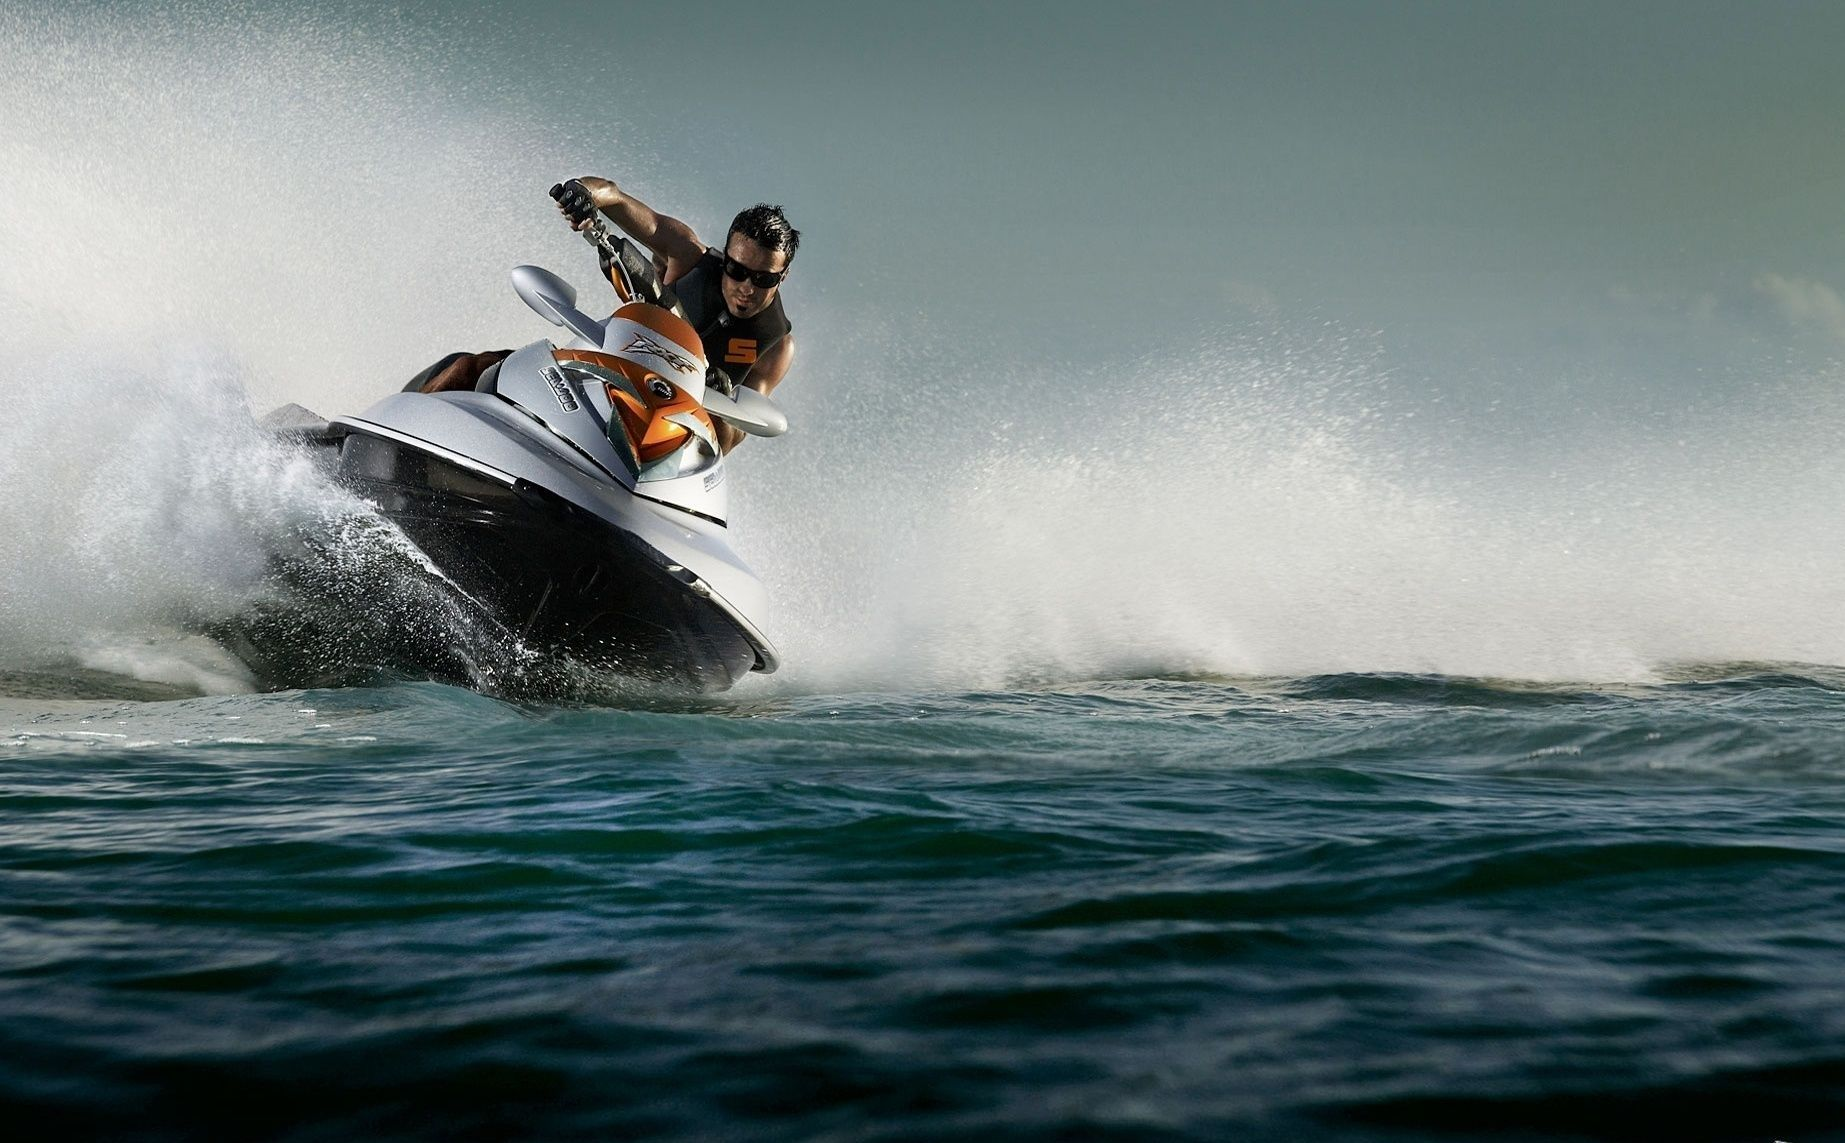 Prodaja Plovila I Opreme Za Plovila Rabljeni Brodovi Jahte Jedrilice Gliseri I Ostala Plovila Jet Ski Sports Wallpapers Skiing